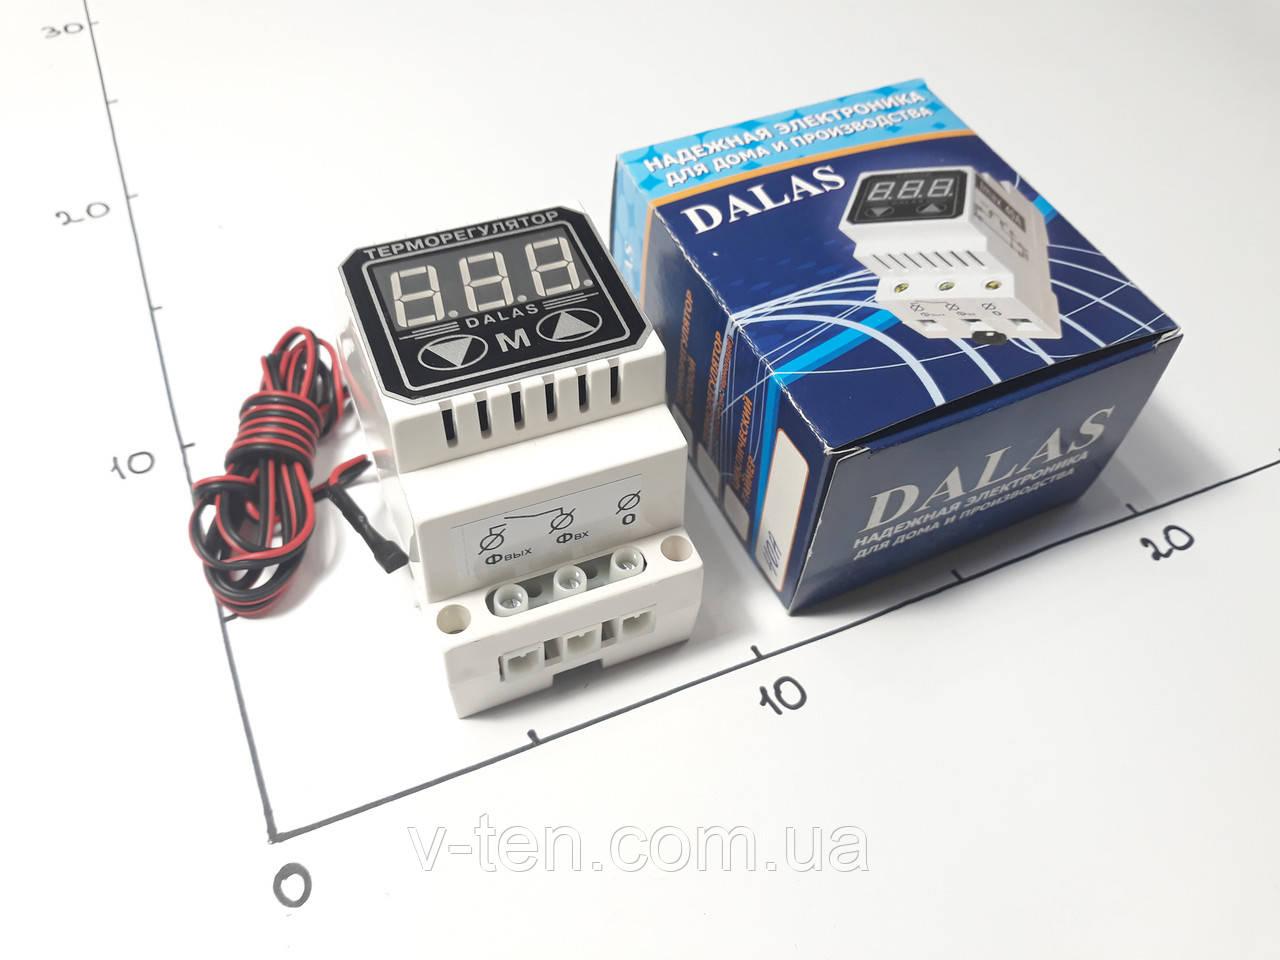 Терморегулятор от -55 до +125°С / 40А цифровой  Далас